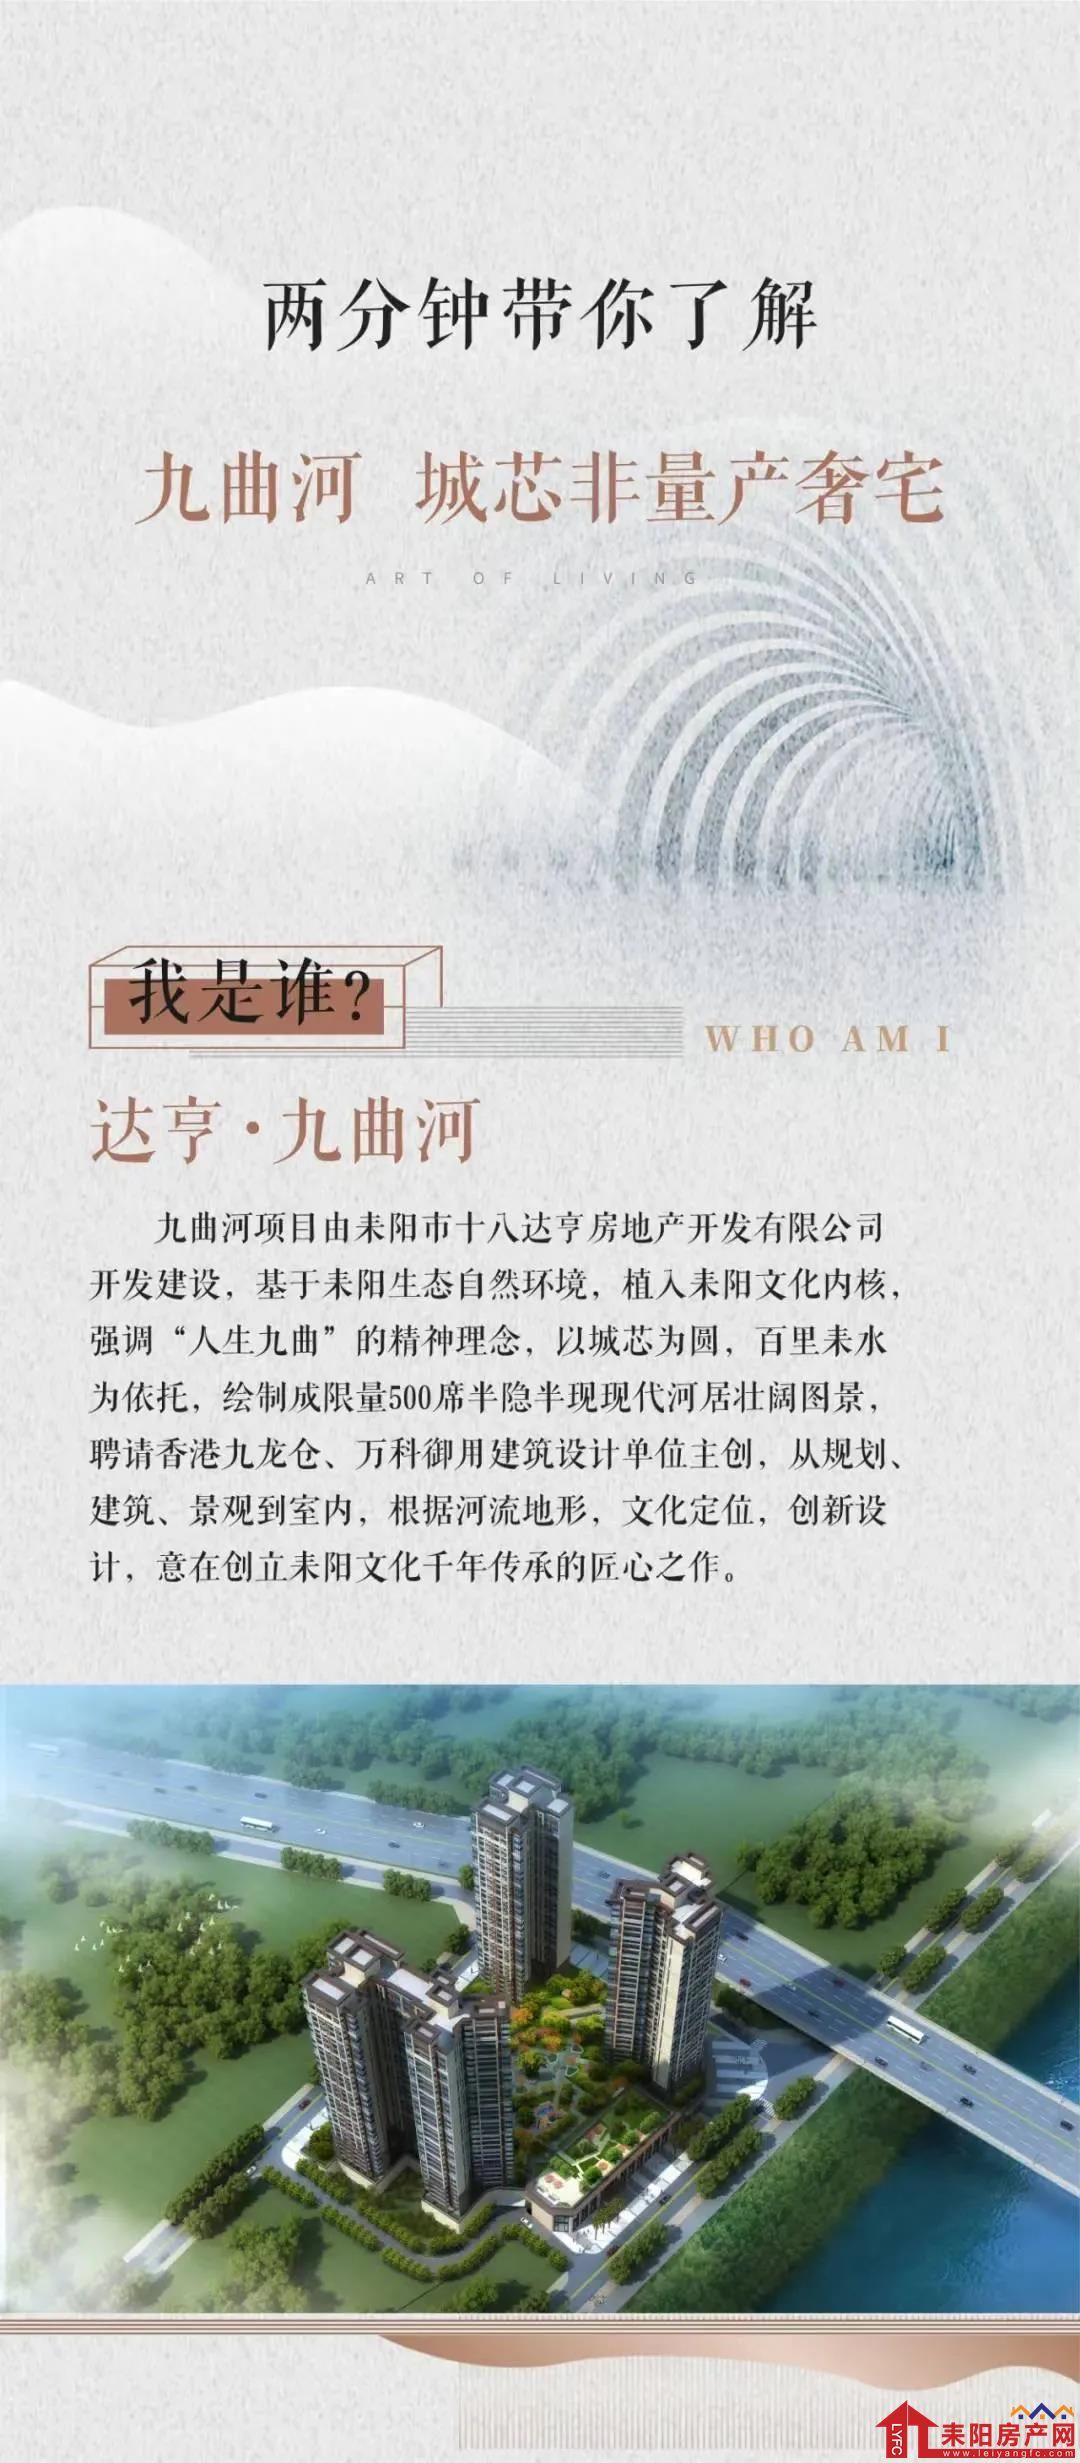 微信图片_20210928093724.jpg